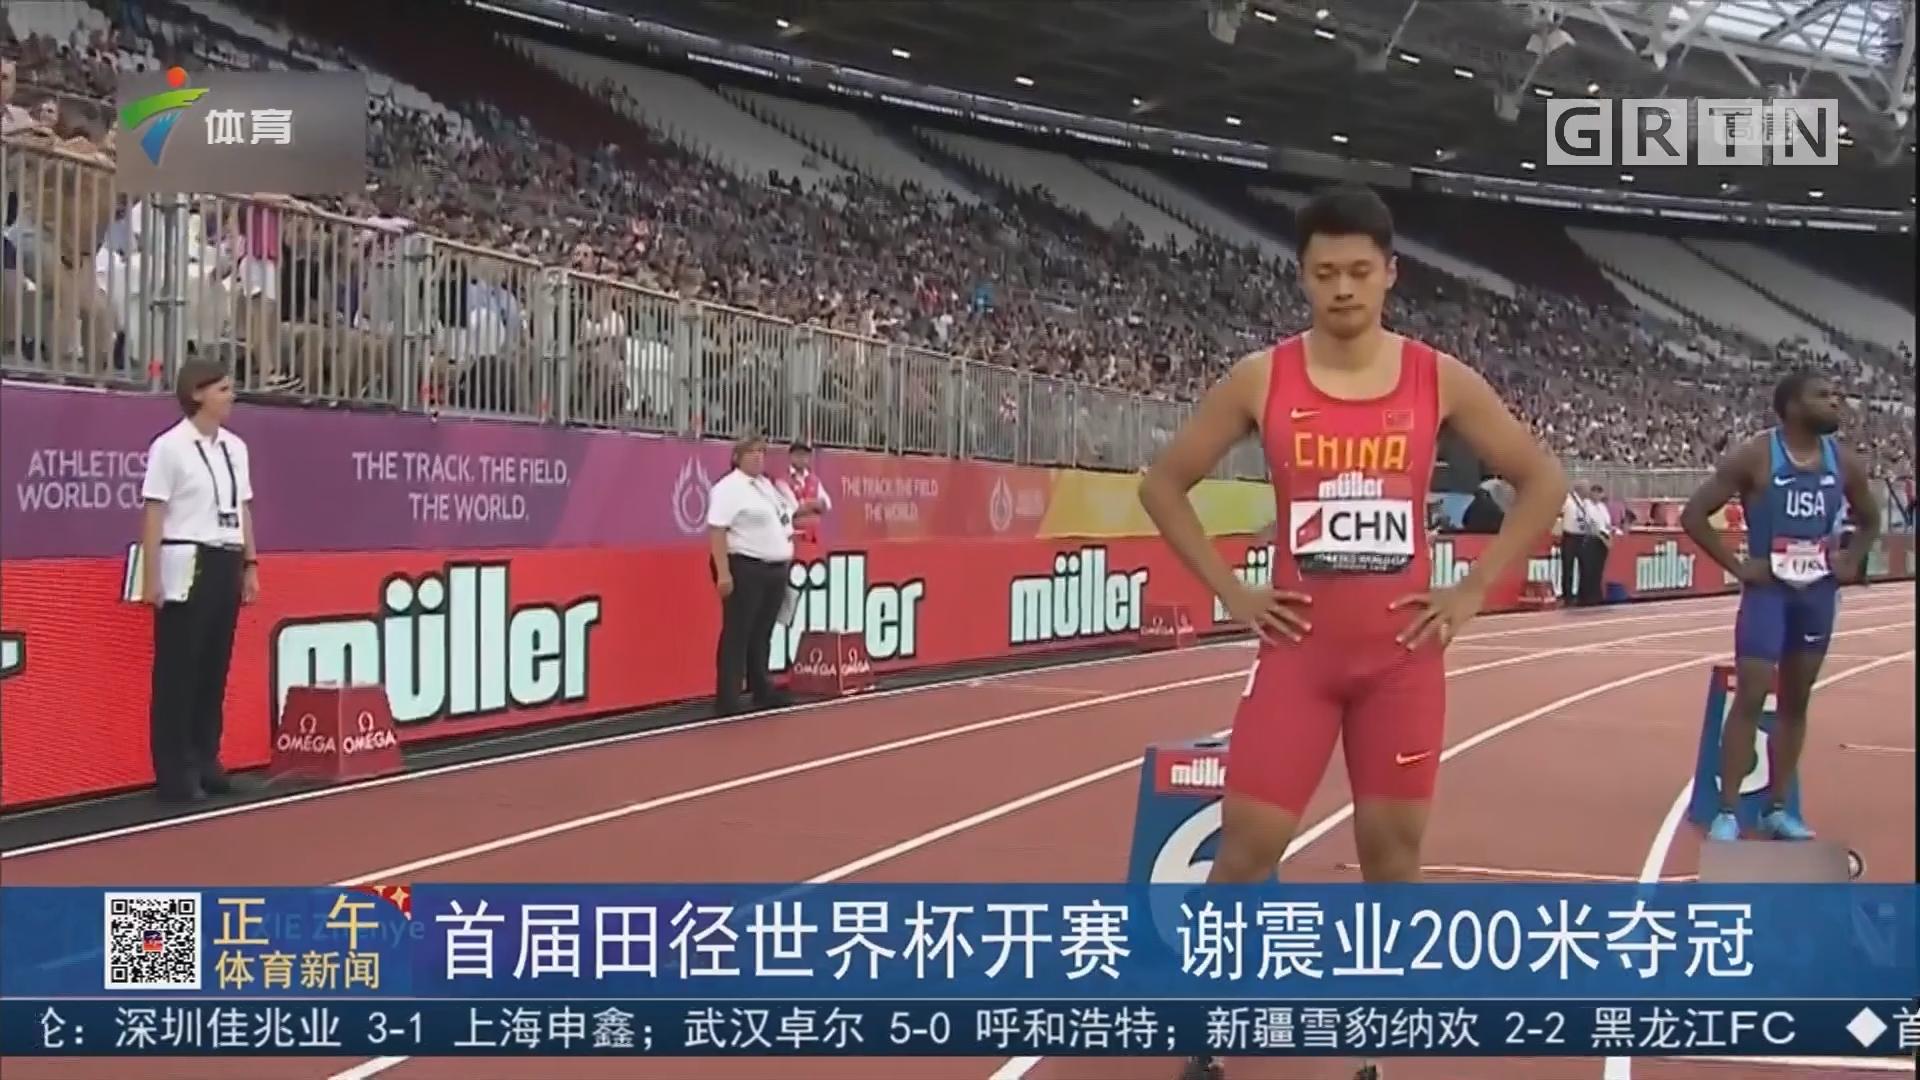 首届田径世界杯开赛 谢震业200米夺冠